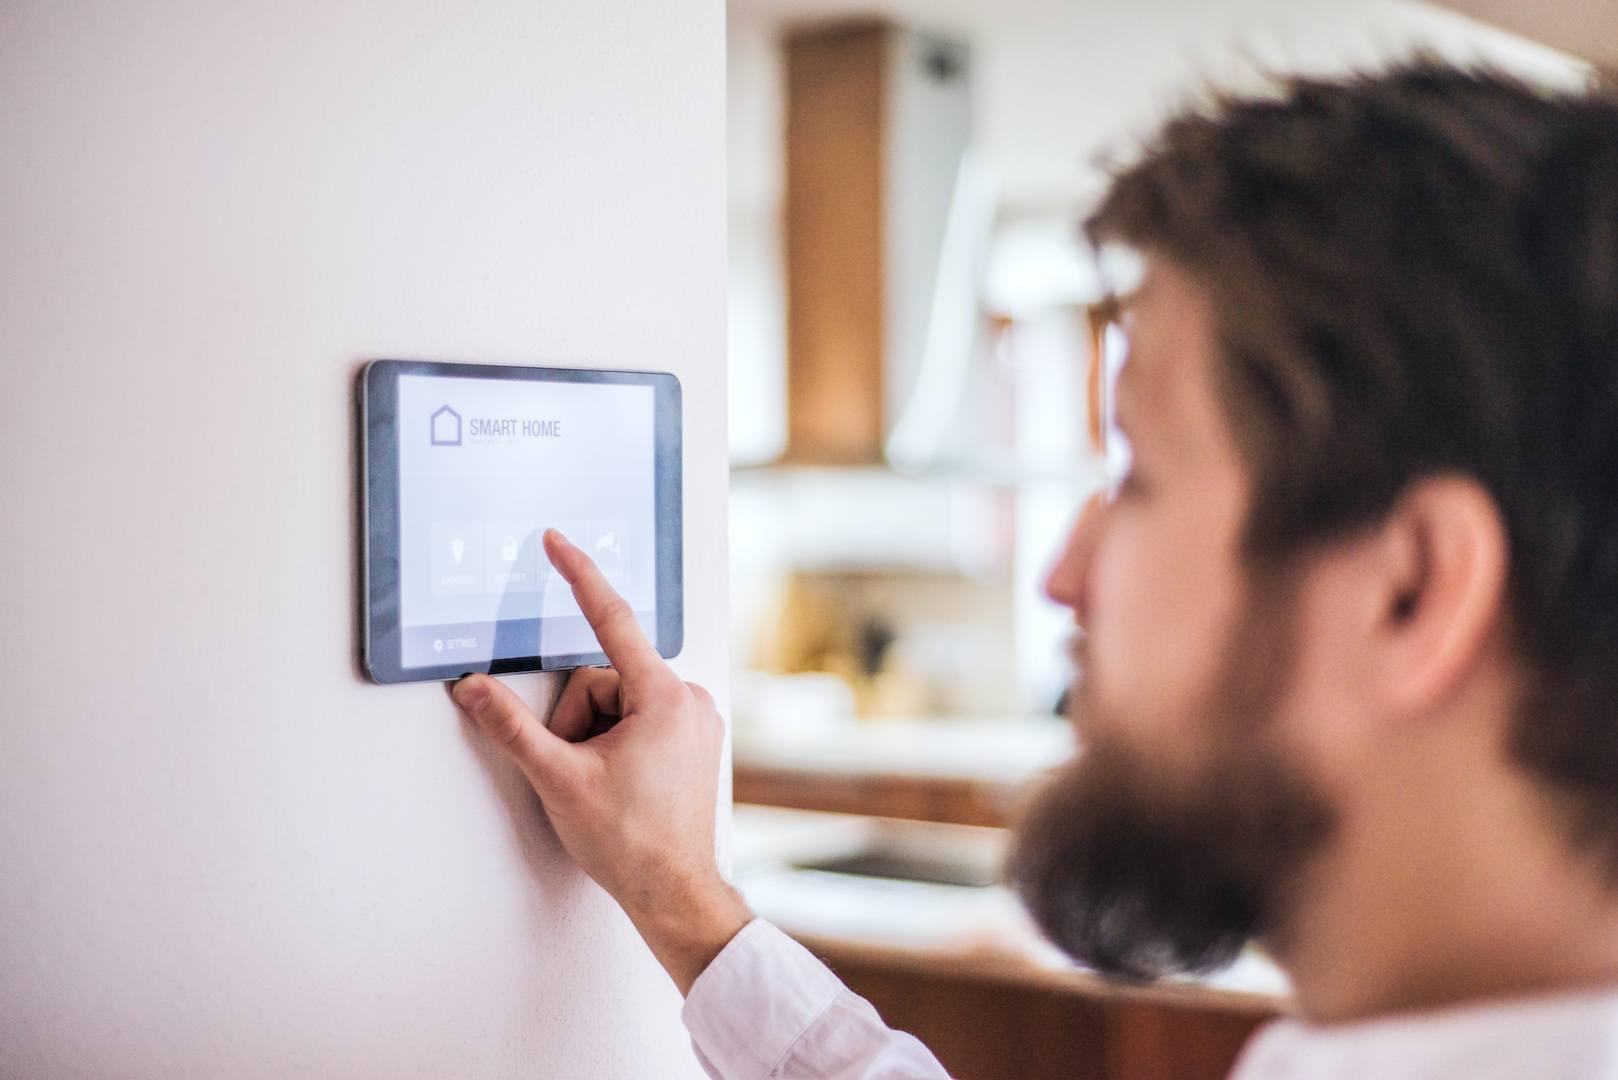 Assistentes pessoais ou de casa são um dos usos da inteligência artificial